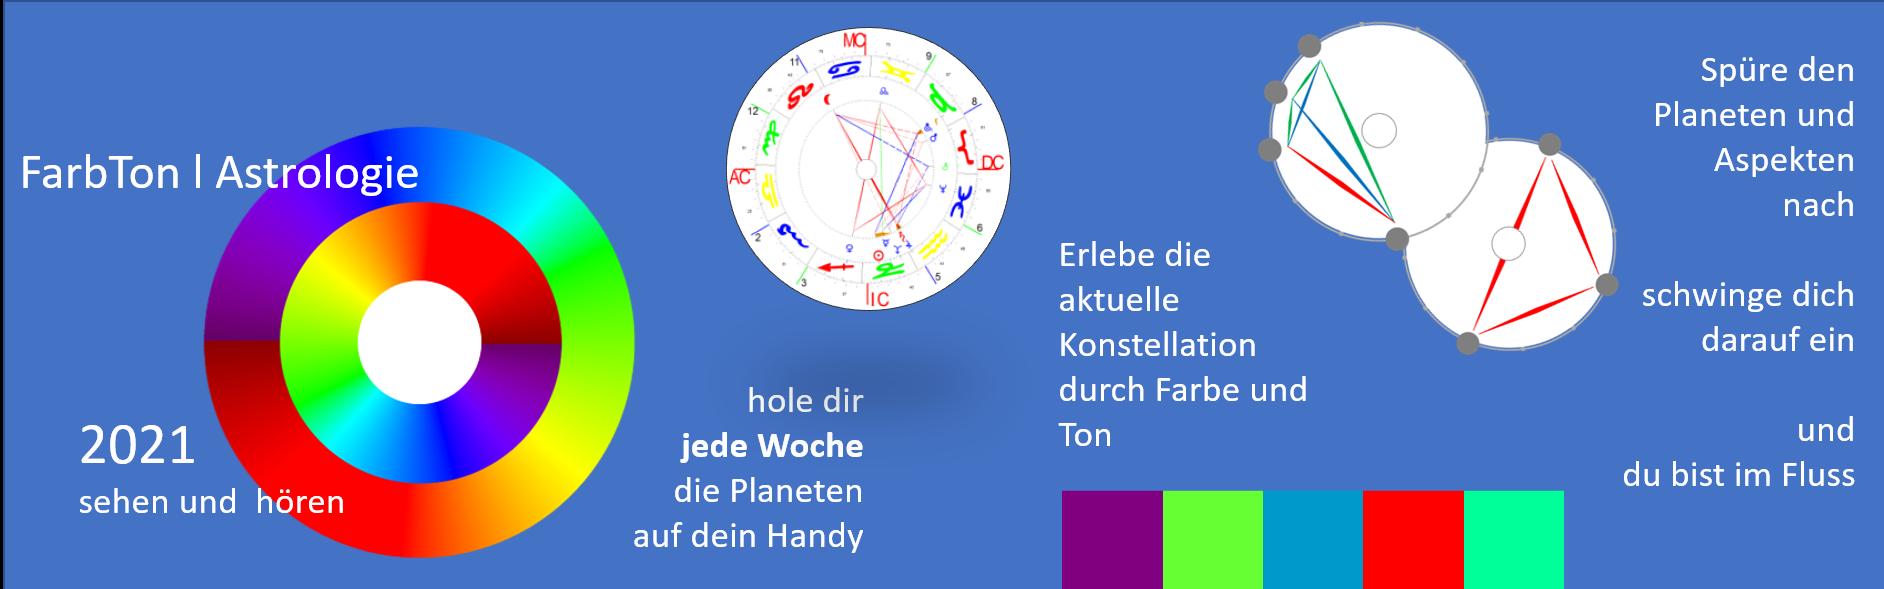 App FarbTon | Astrologie im Google Play Store erhältlich